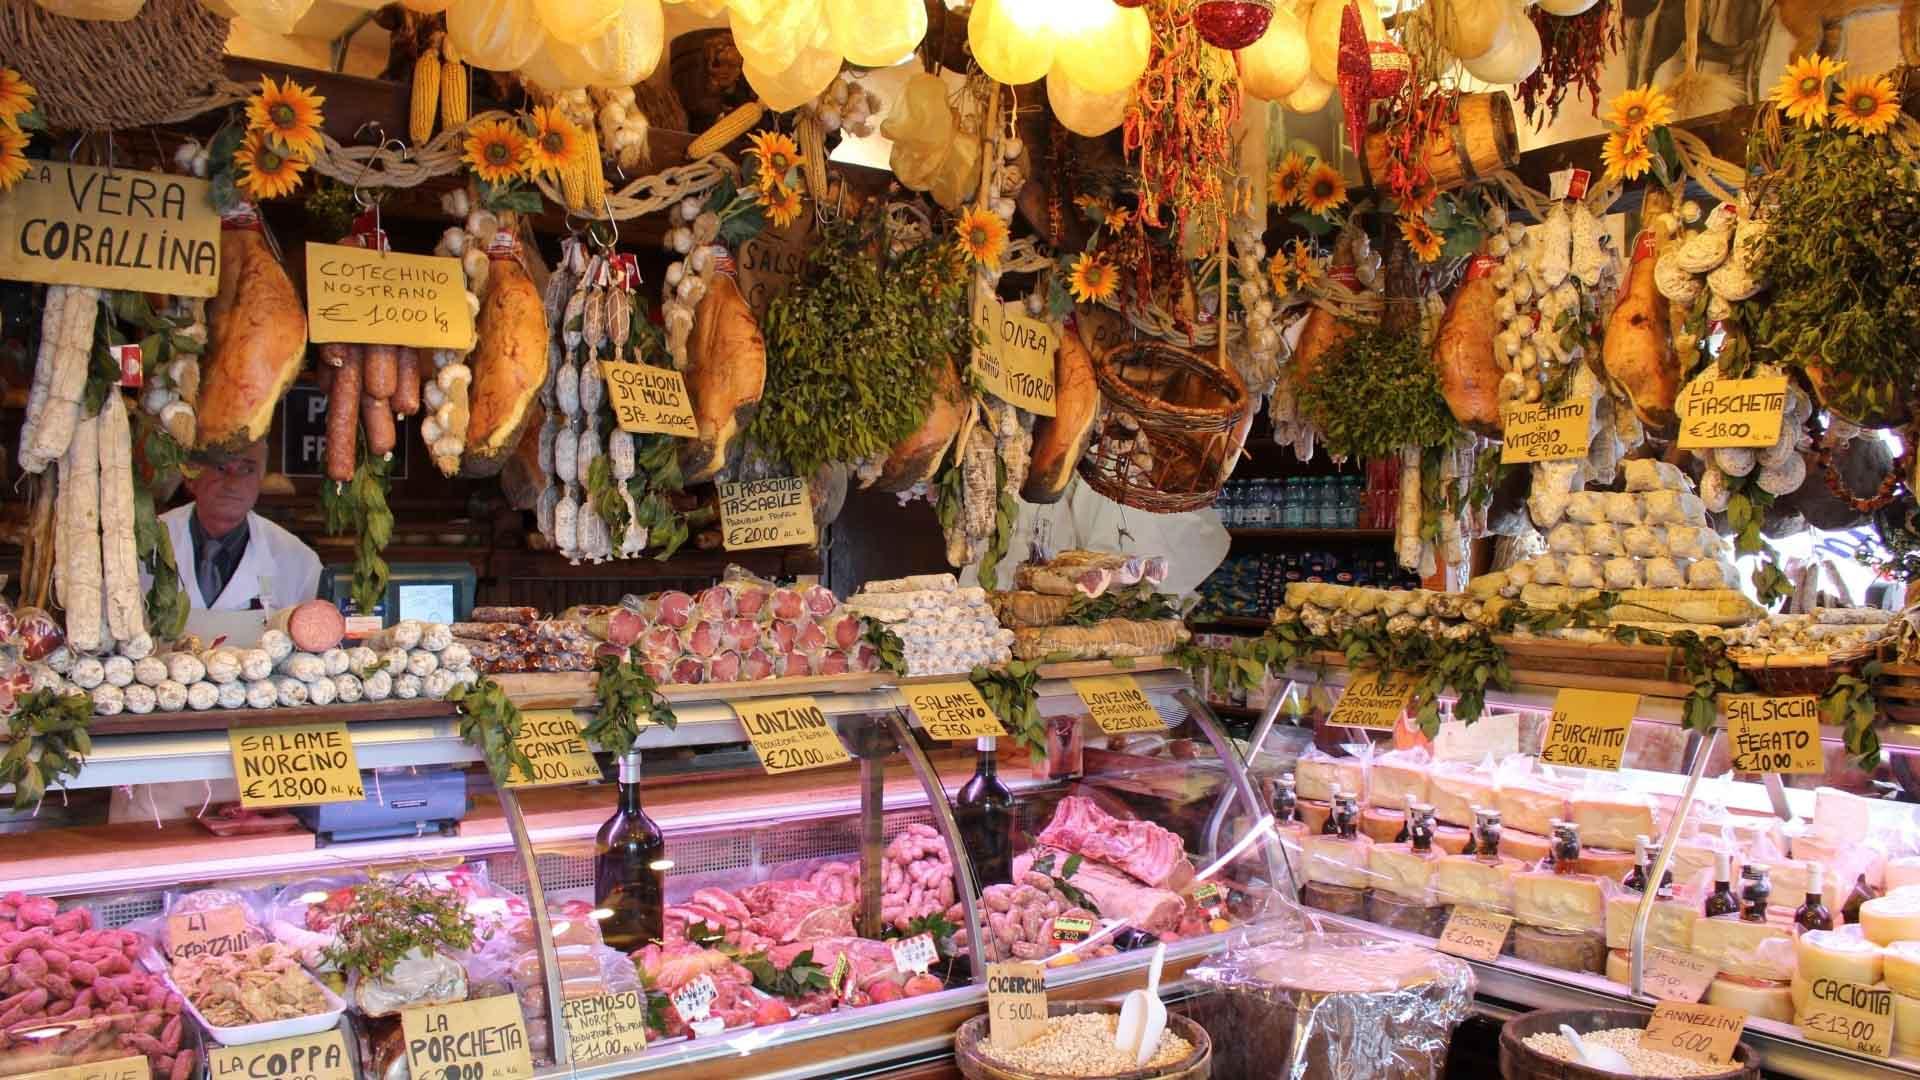 Imagen de puesto de carnicería en plaza de abastos